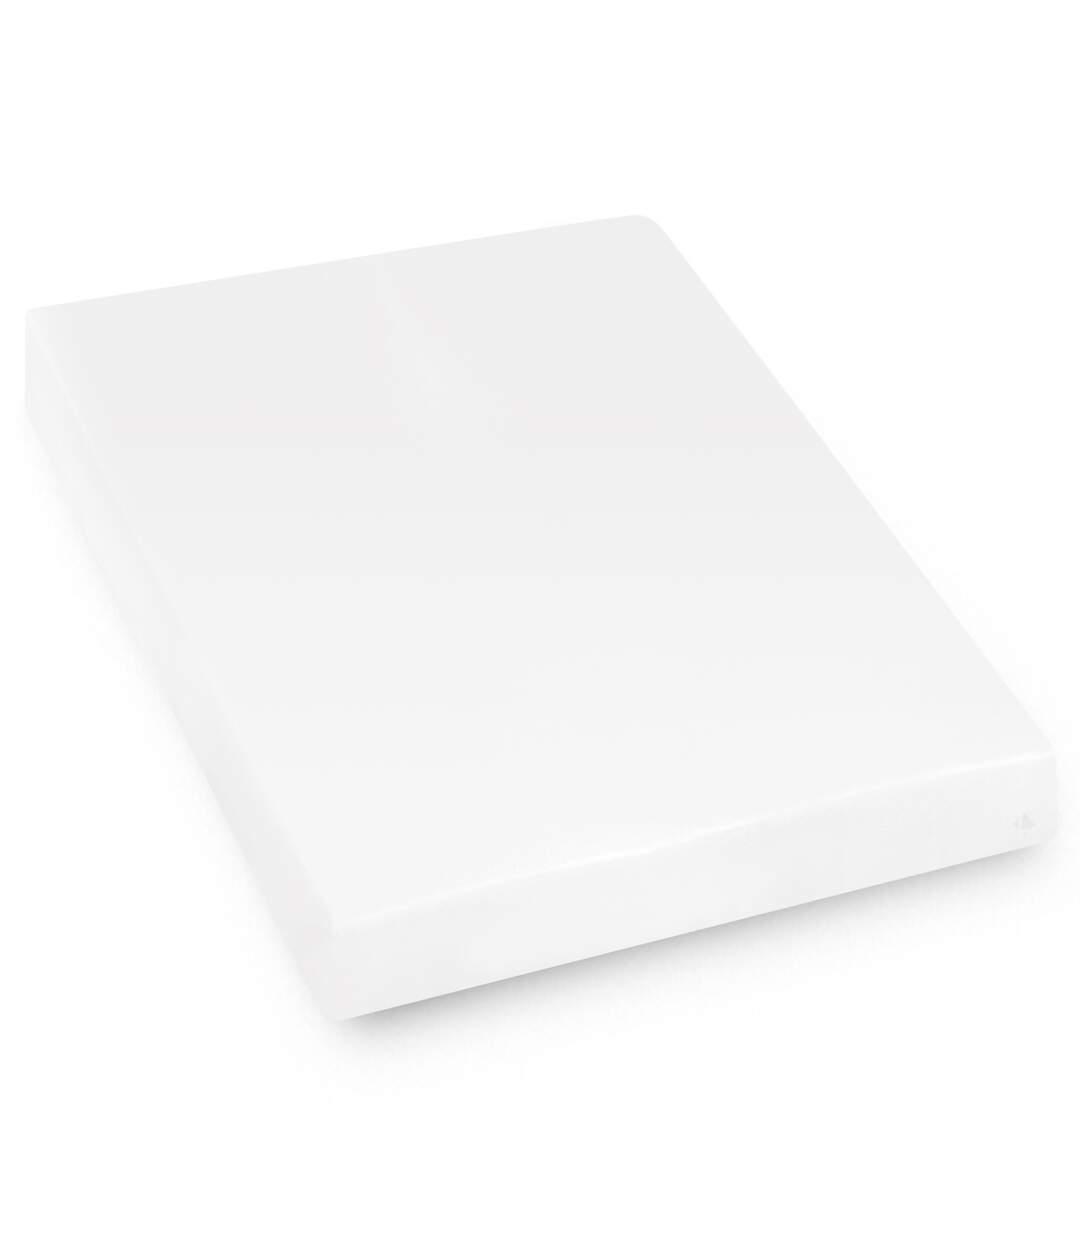 Protège matelas imperméable 160x200 cm bonnet 23cm ARNON molleton 100% coton contrecollé polyuréthane